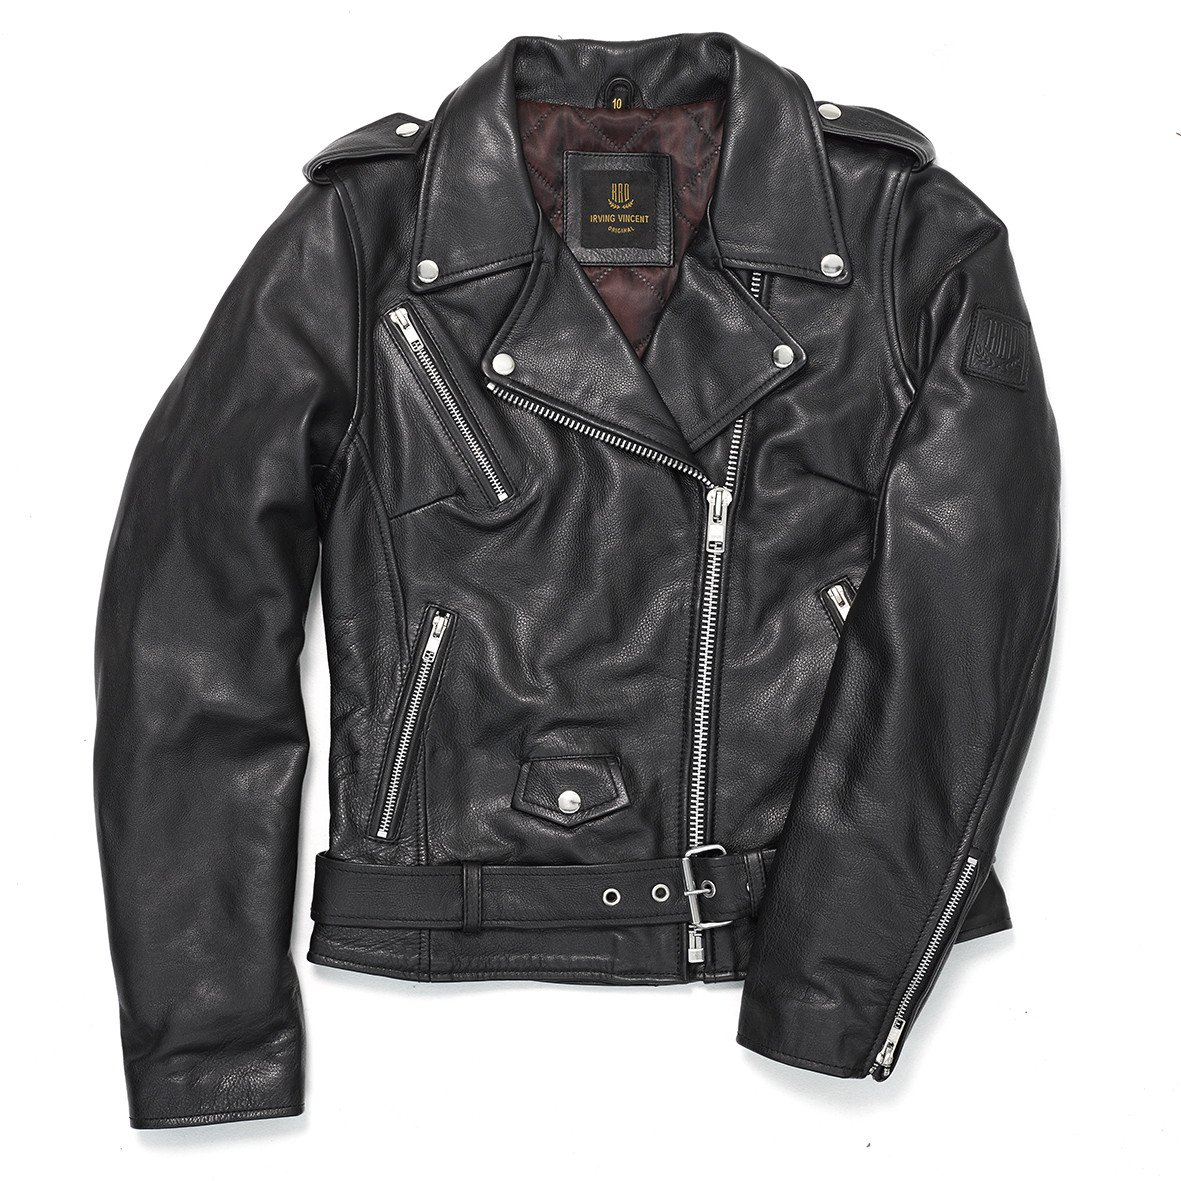 Ladies_HRD_Black_Leather_Jacket_1400x.jpg